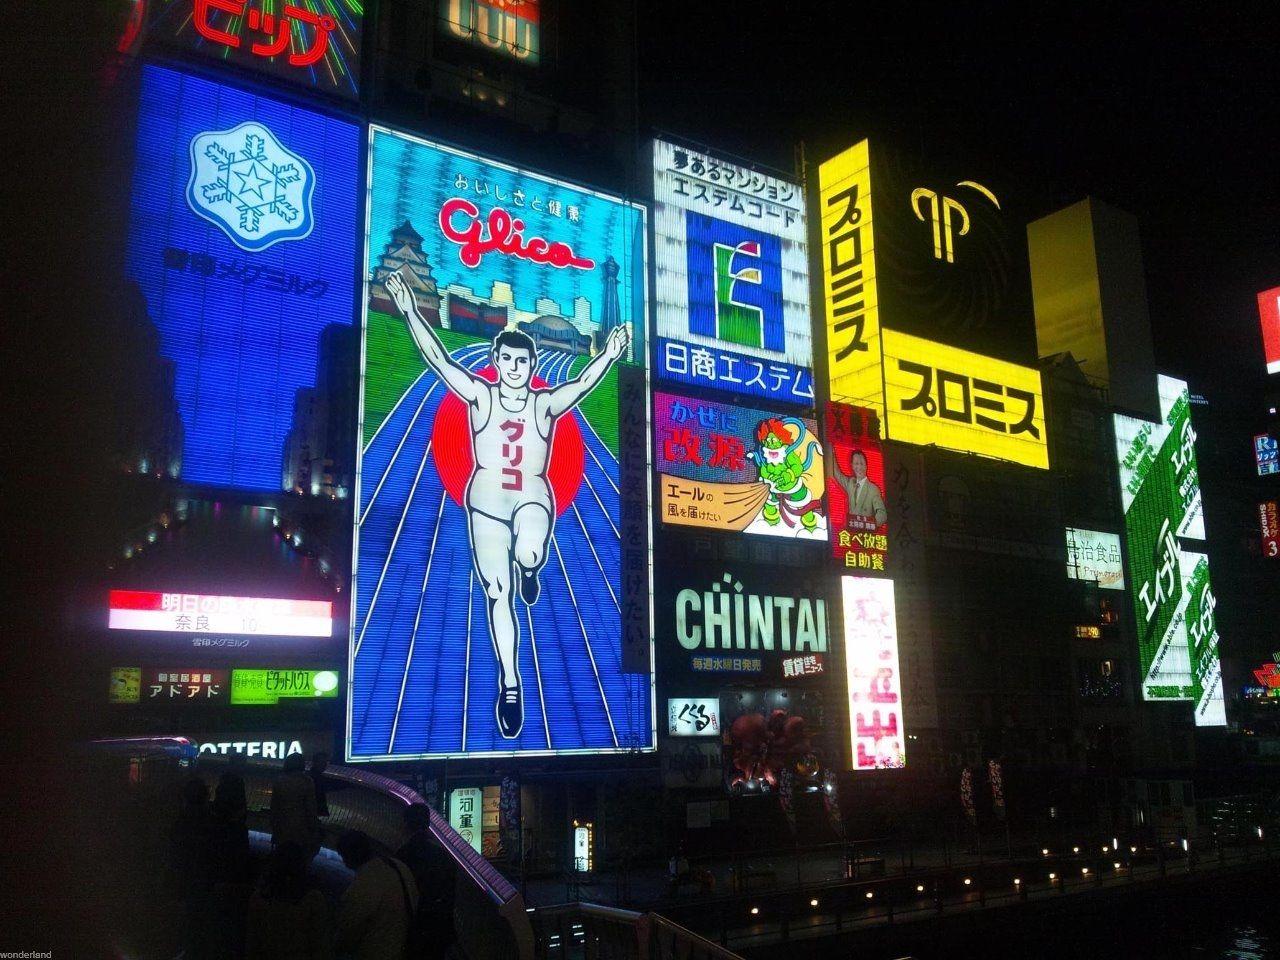 大阪ミナミのグリコの看板!中央区の物件も取り扱っております。 かに道楽・ずぼらや・グリコ・くいだおれ等観光地でも超有名♪